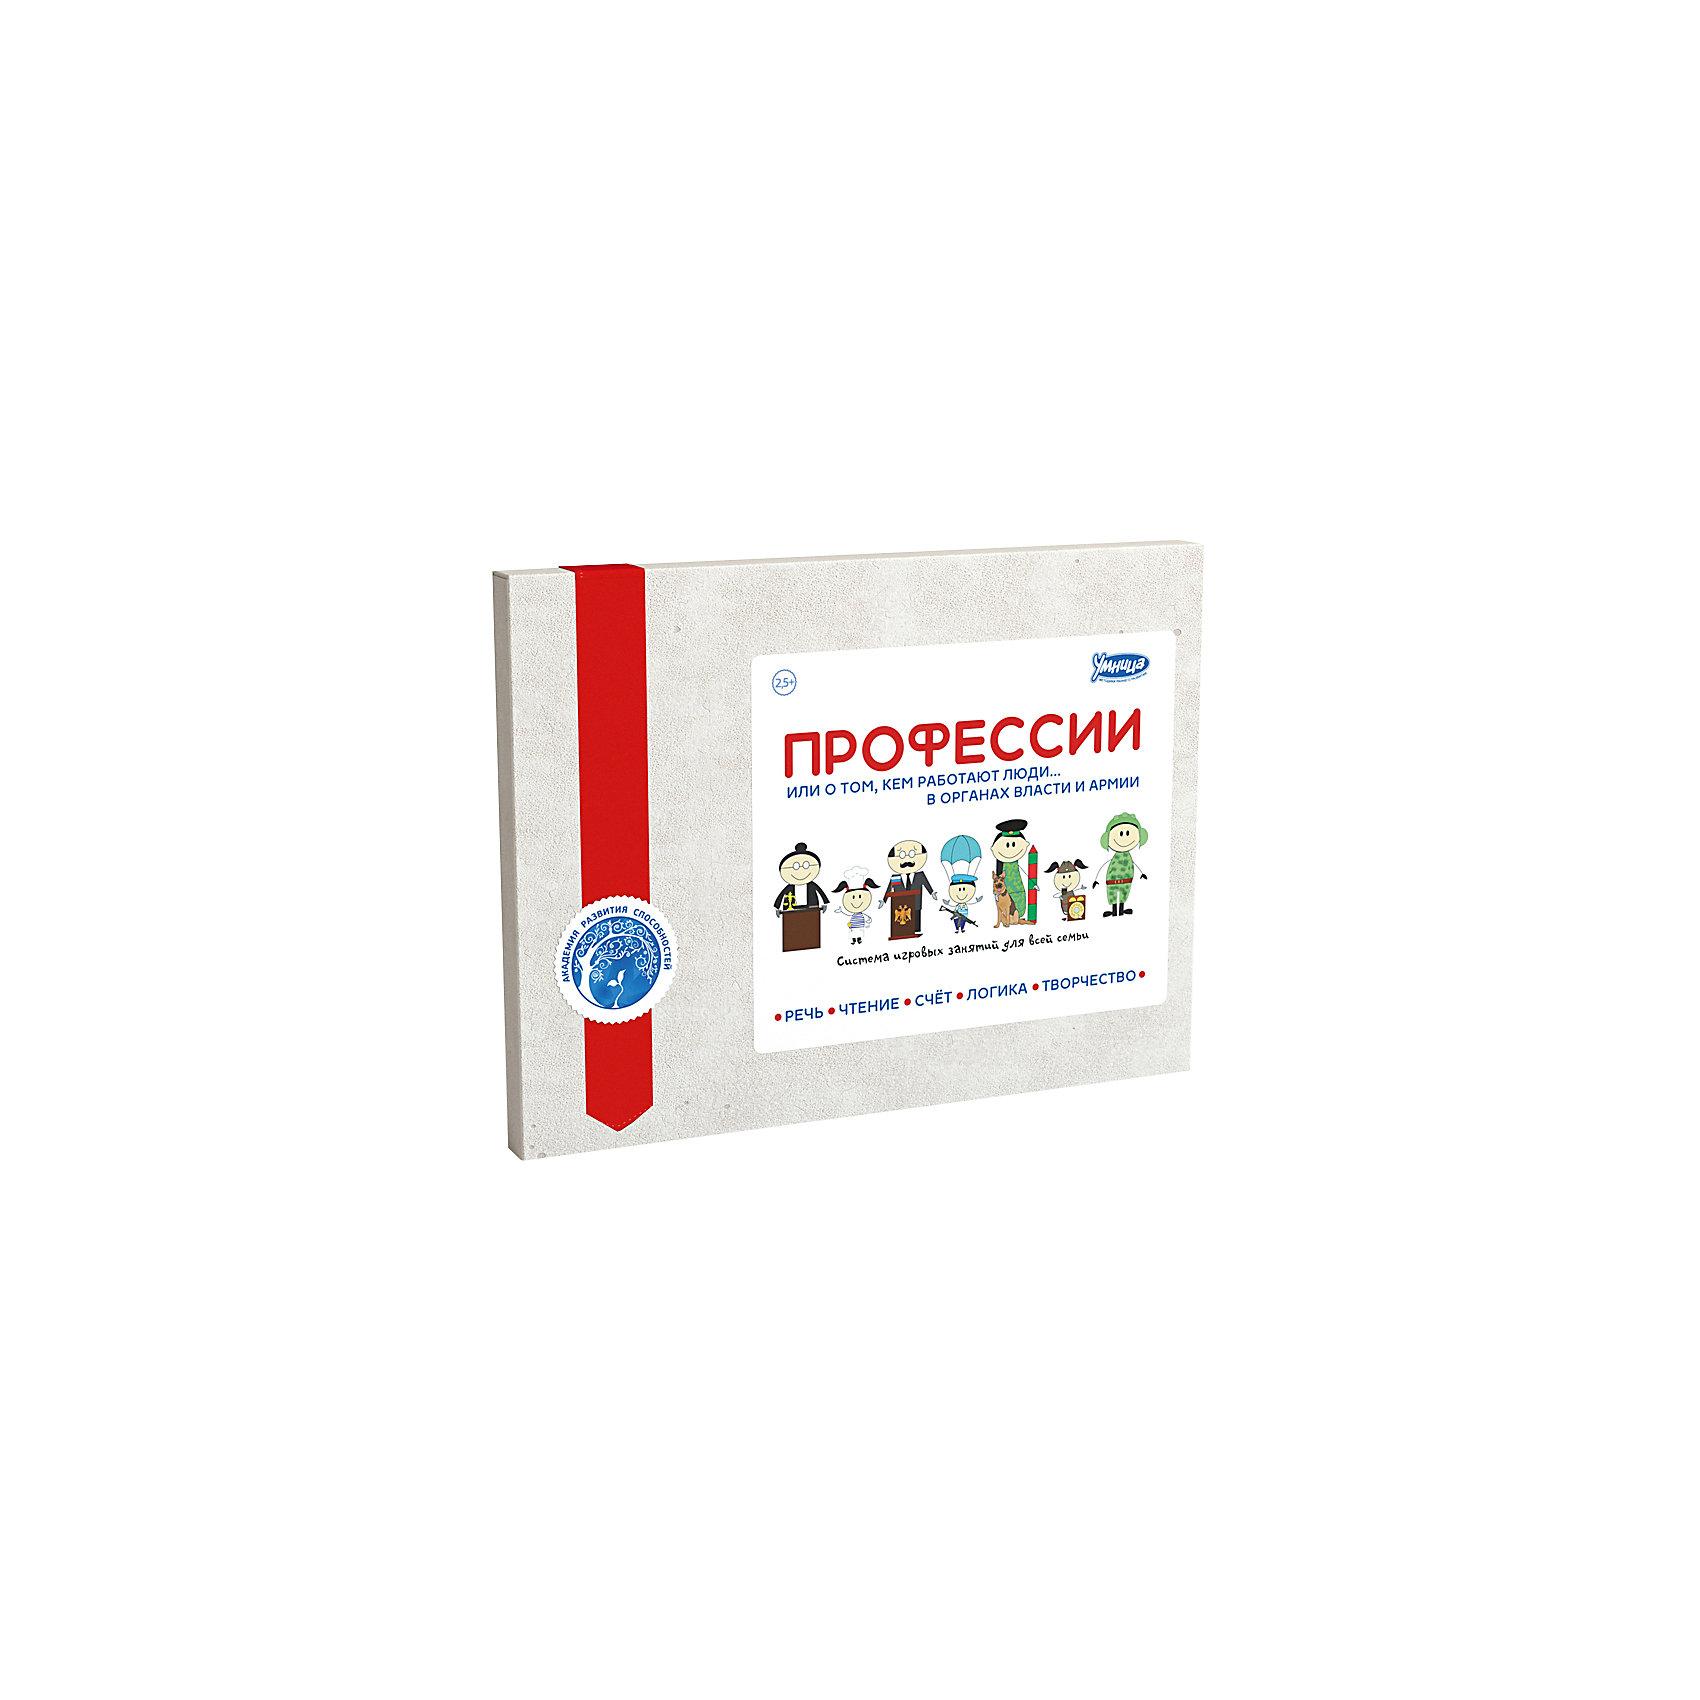 Настольная игра Профессии: ПромышленностьМетодики раннего развития<br>Характеристики:<br><br>• Вид игр: обучающие, развивающие<br>• Серия: Развивающие книги<br>• Материал: картон, бумага<br>• Комплектация: 3 книги о профессиях, набор карточек с буквами и цифрами, комплект игровых фишек<br>• Тип упаковки: картонная коробка<br>• Размеры упаковки (Д*Ш*В): 30,5*23,5*28 см<br>• Вес в упаковке: 1 кг 240 г<br><br>Книга Профессии: Промышленность состоит из 3 книжек, в которых приведено описание рода занятий людей, занятых в промышленности: строитель, пекарь, инженер, кондитер, маляр и многие другие. Каждая профессия сопровождается иллюстративным материалом и текстами. Текстовая часть приведена в сжатой форме и адаптирована для детей дошкольного возраста. Дополнительно в комплекте предусмотрены рекомендации для родителей. <br><br>Книга Профессии: Промышленность выполнена по типу комплексной методики: она содержит в себе не только обучающий материал (порядка 100 занятий), но и задания для закрепления пройденного материала. Занятия с данной книгой позволят расширить словарный запас слов, обогатить кругозор вашего ребенка и повысить уровень его эрудиции.<br><br>Книгу Профессии: Промышленность можно купить в нашем интернет-магазине.<br><br>Ширина мм: 305<br>Глубина мм: 235<br>Высота мм: 280<br>Вес г: 1240<br>Возраст от месяцев: 36<br>Возраст до месяцев: 2147483647<br>Пол: Унисекс<br>Возраст: Детский<br>SKU: 5523179